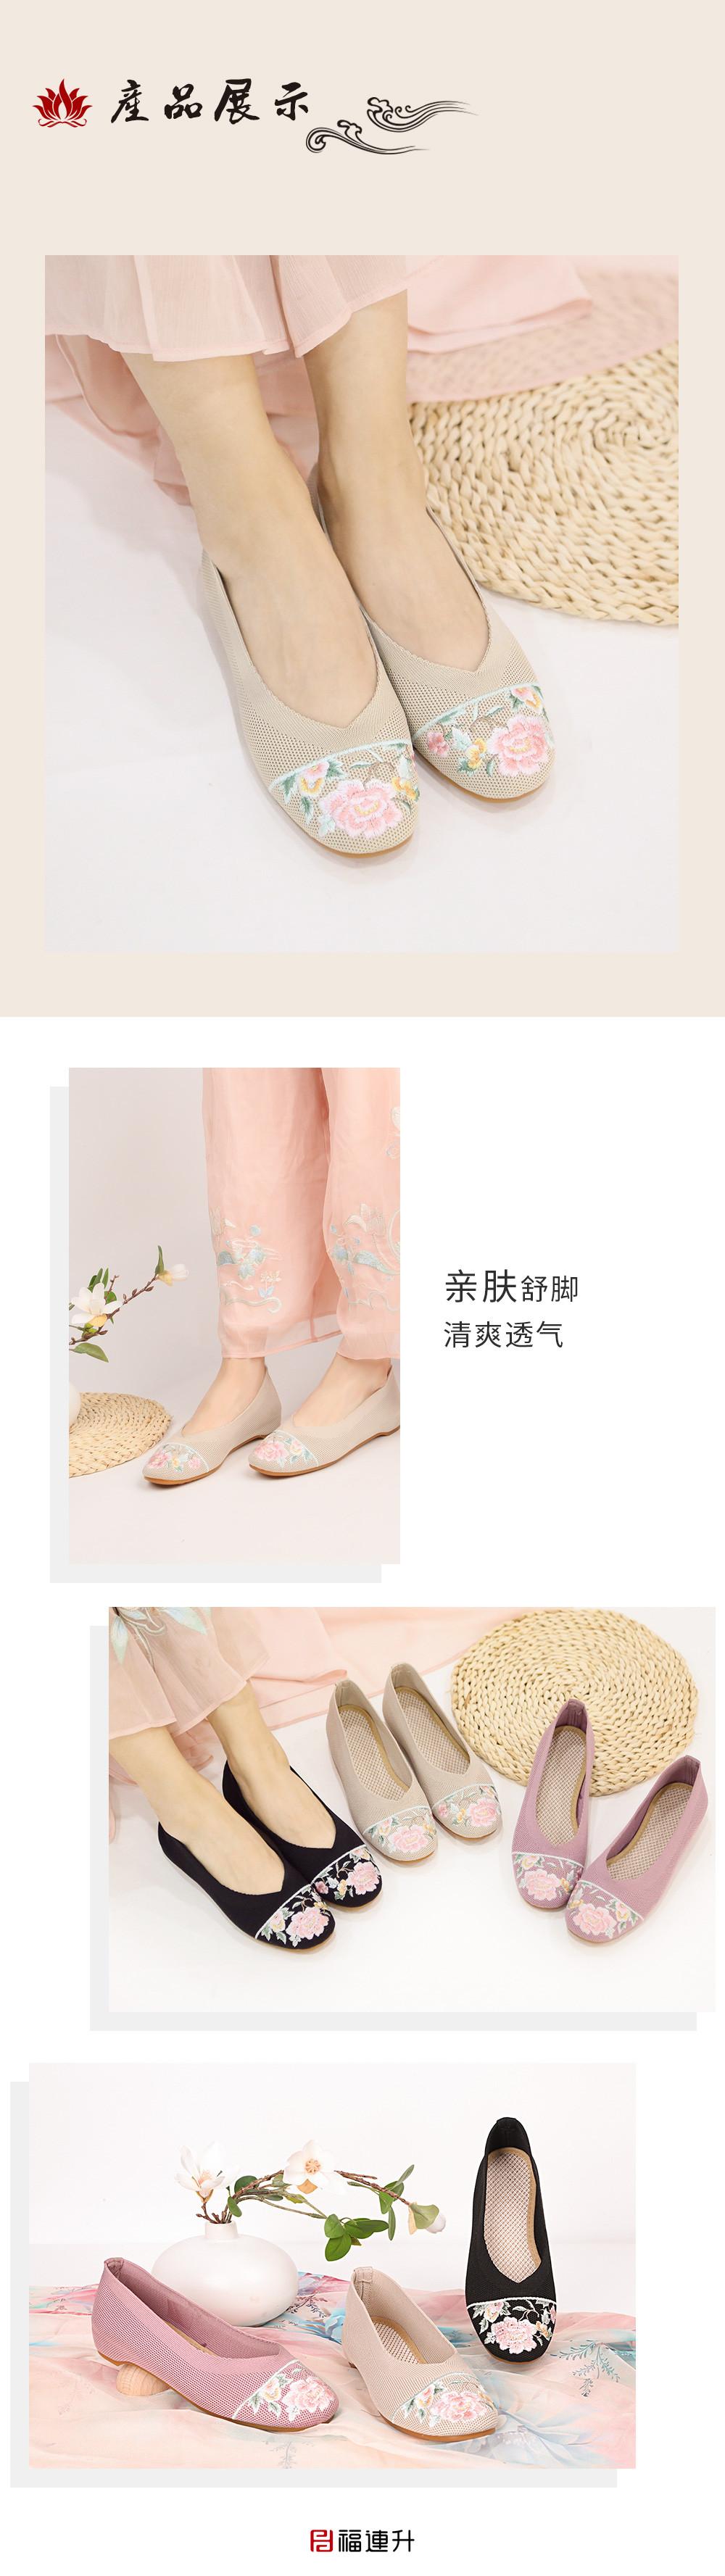 福连升老北京布鞋女夏季透气网面绣花单鞋浅口软底一脚蹬凉鞋图片